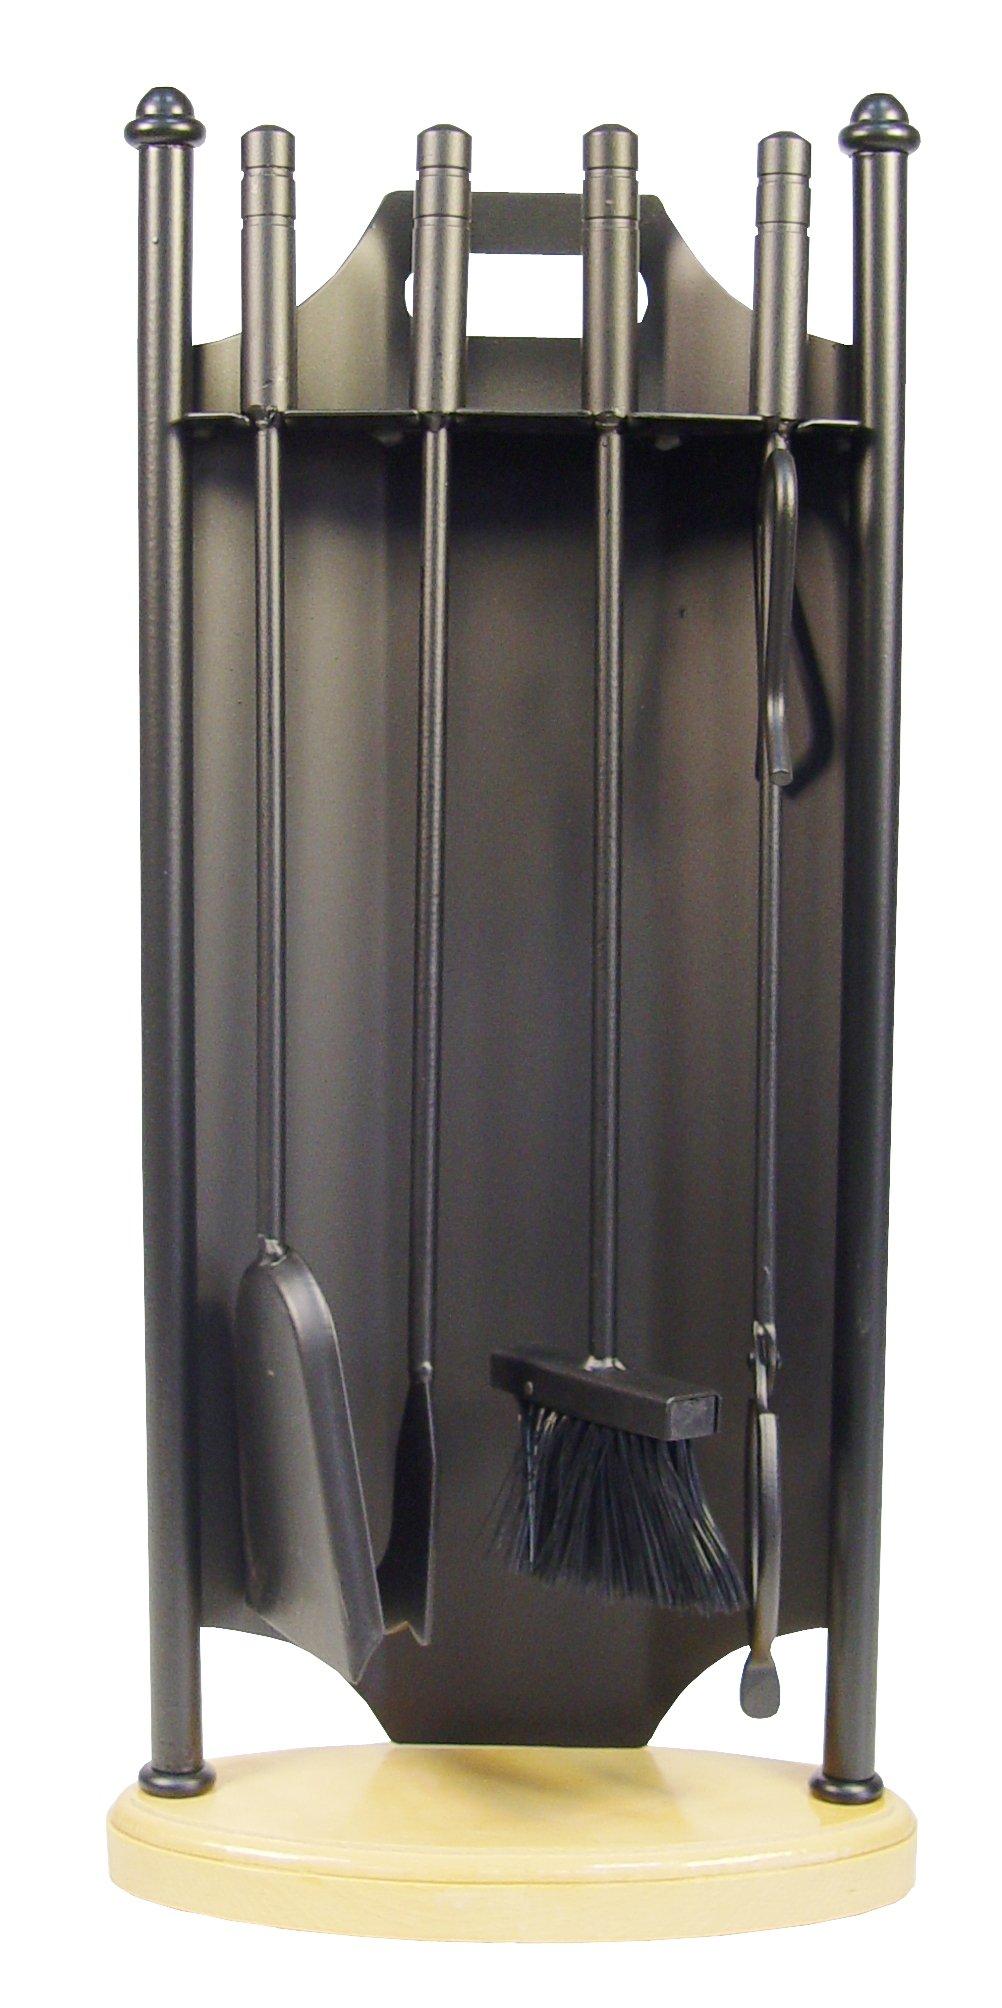 Imex El Zorro 12025-F Pack de 4 piezas para chimenea ovalada (forja): Amazon.es: Bricolaje y herramientas